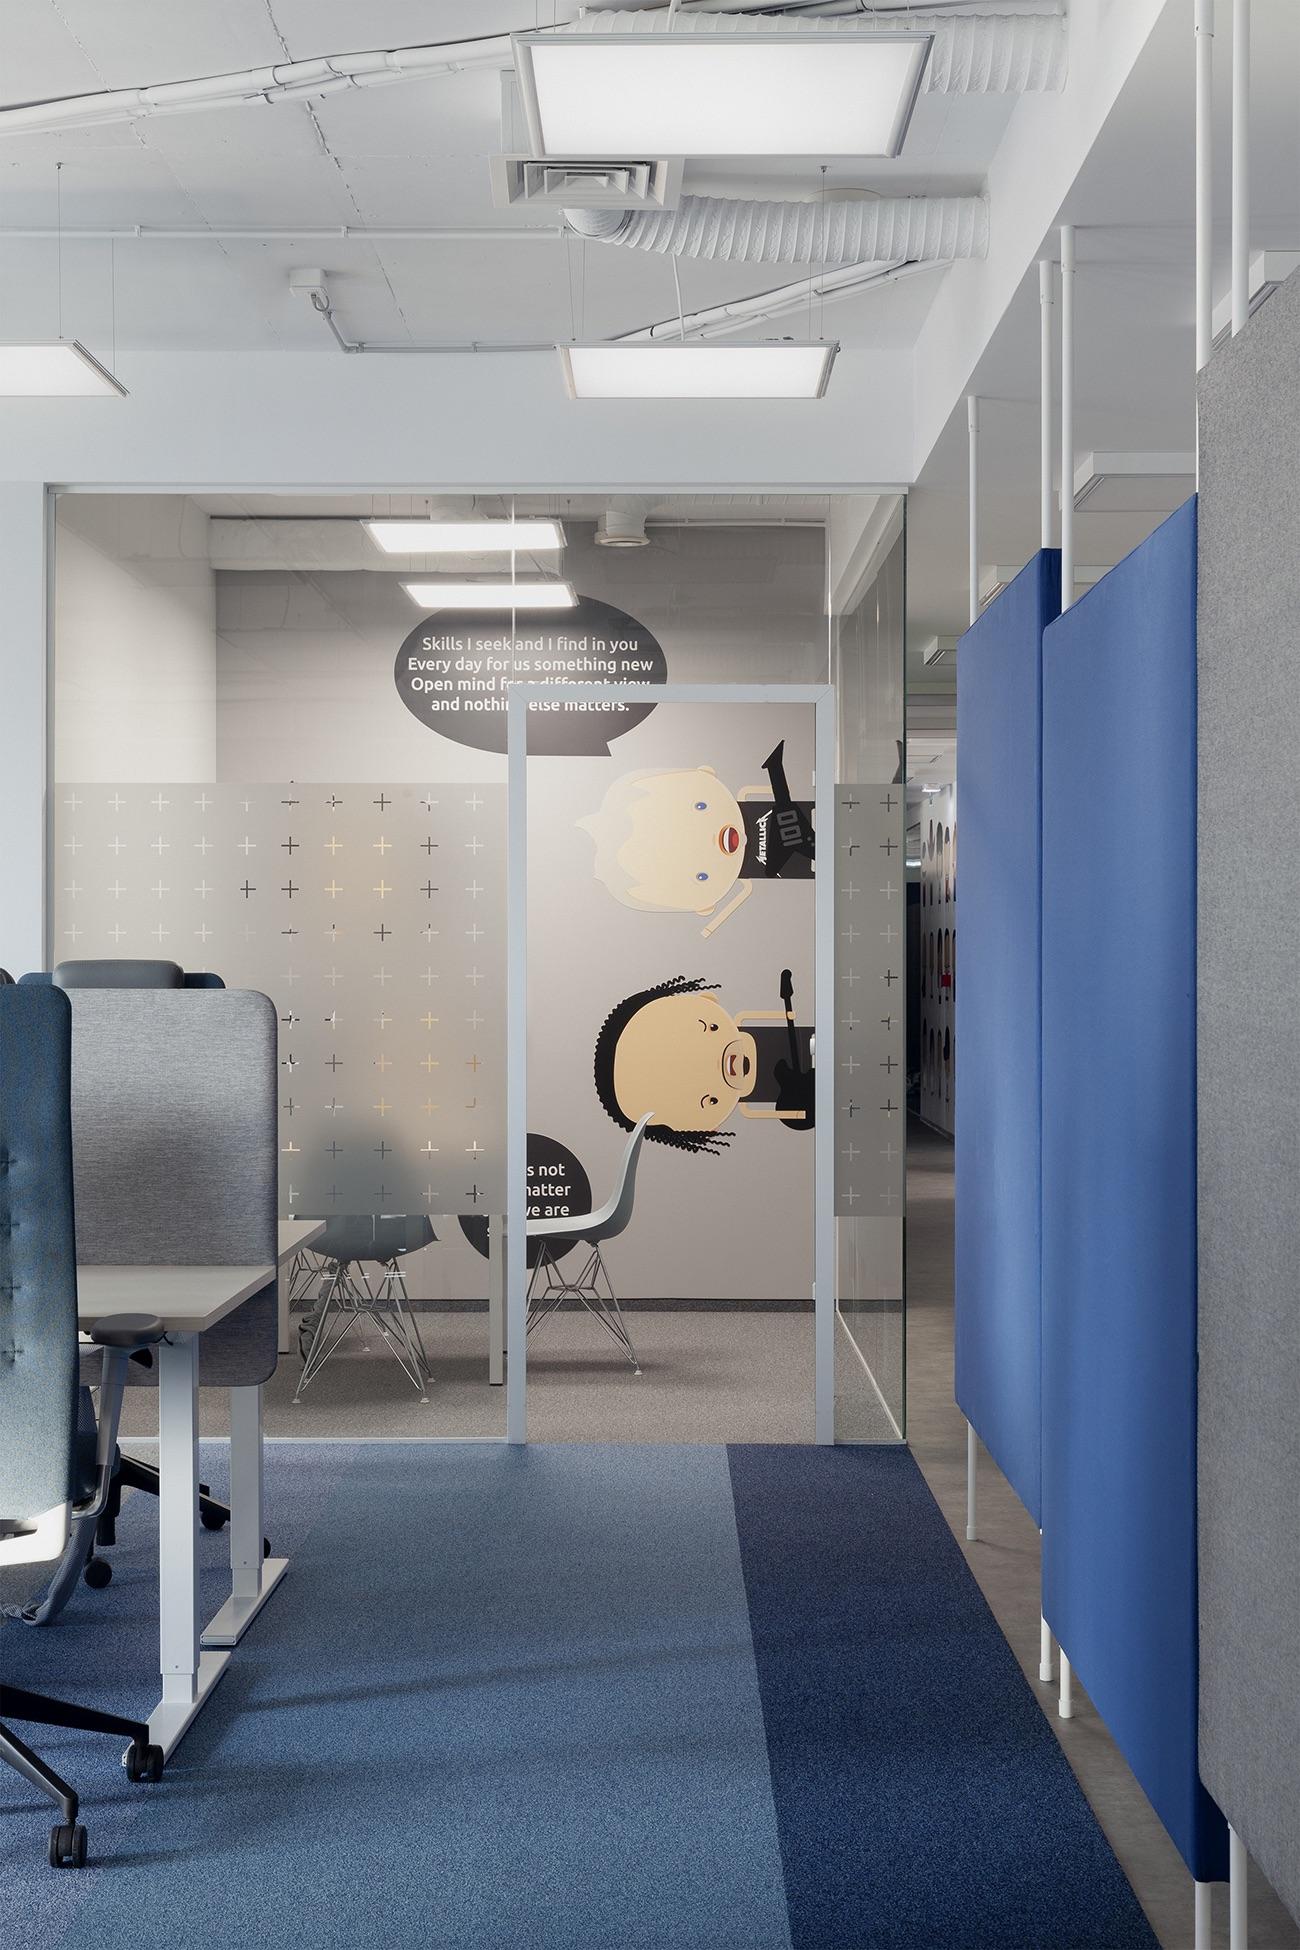 cache-atelier-interior-design-office-space-accedia-bulgaria-sofia_13